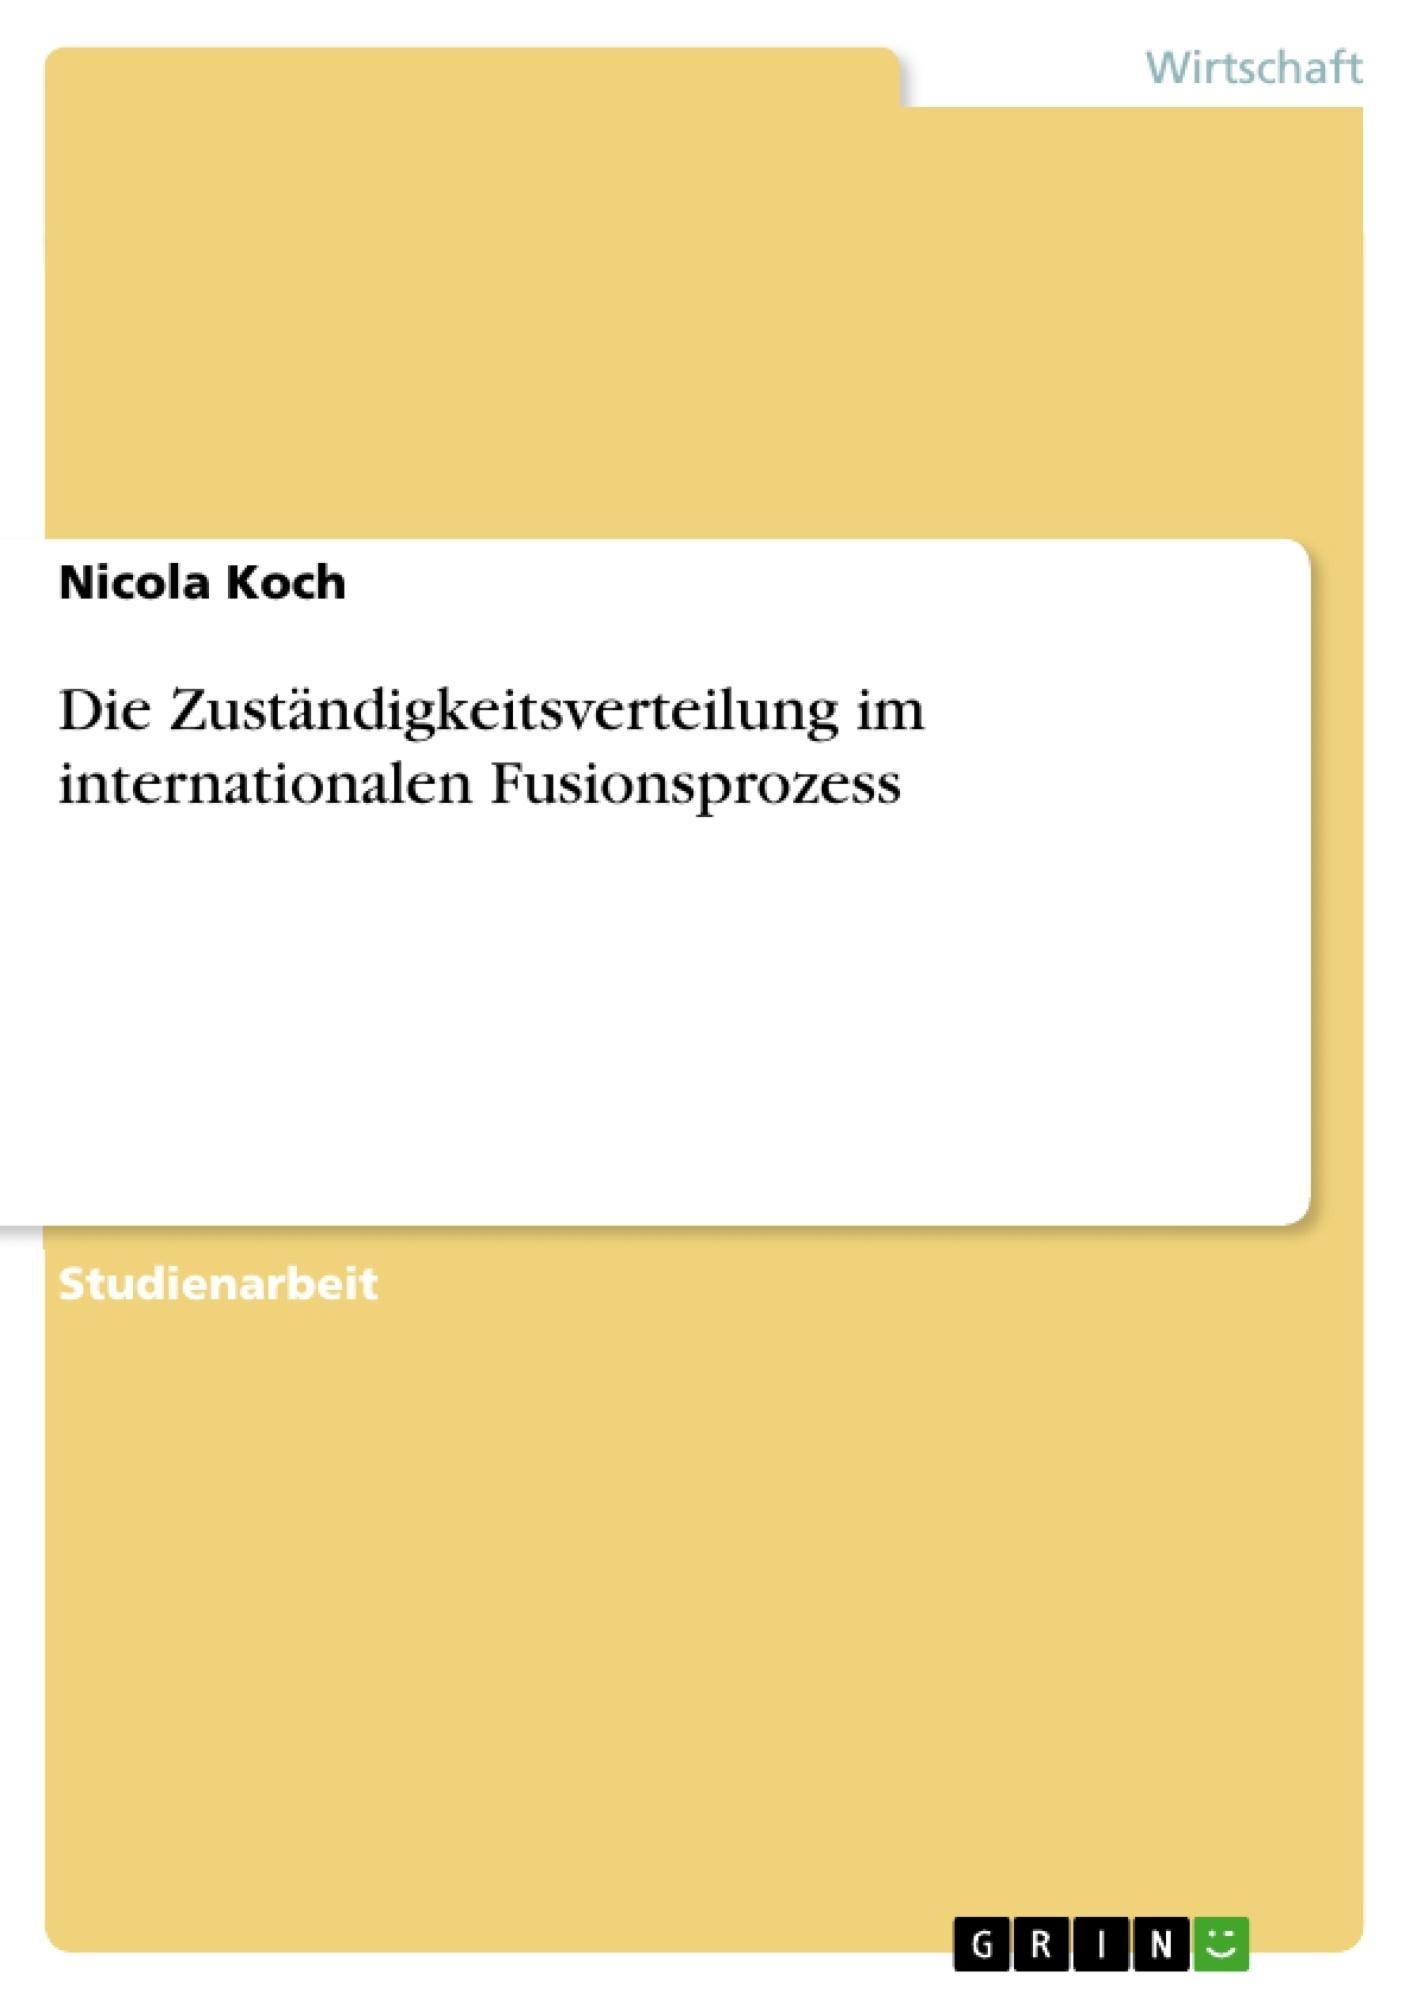 Titel: Die Zuständigkeitsverteilung im internationalen Fusionsprozess